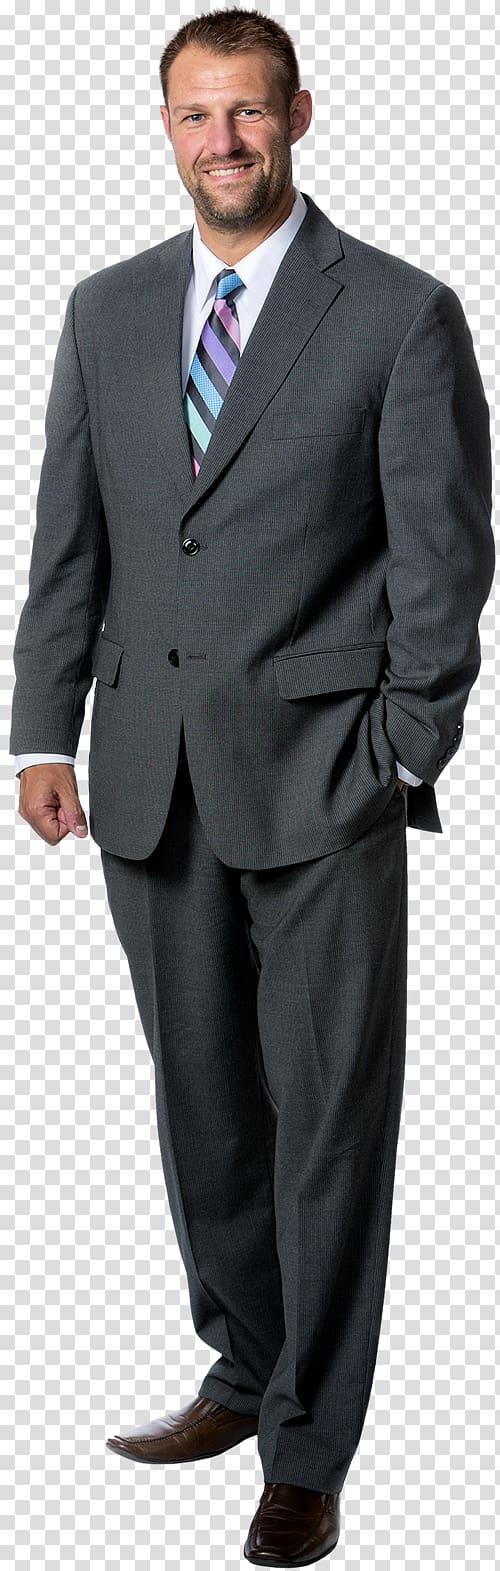 Suit Clothing Dress Business Jacket, suit PNG